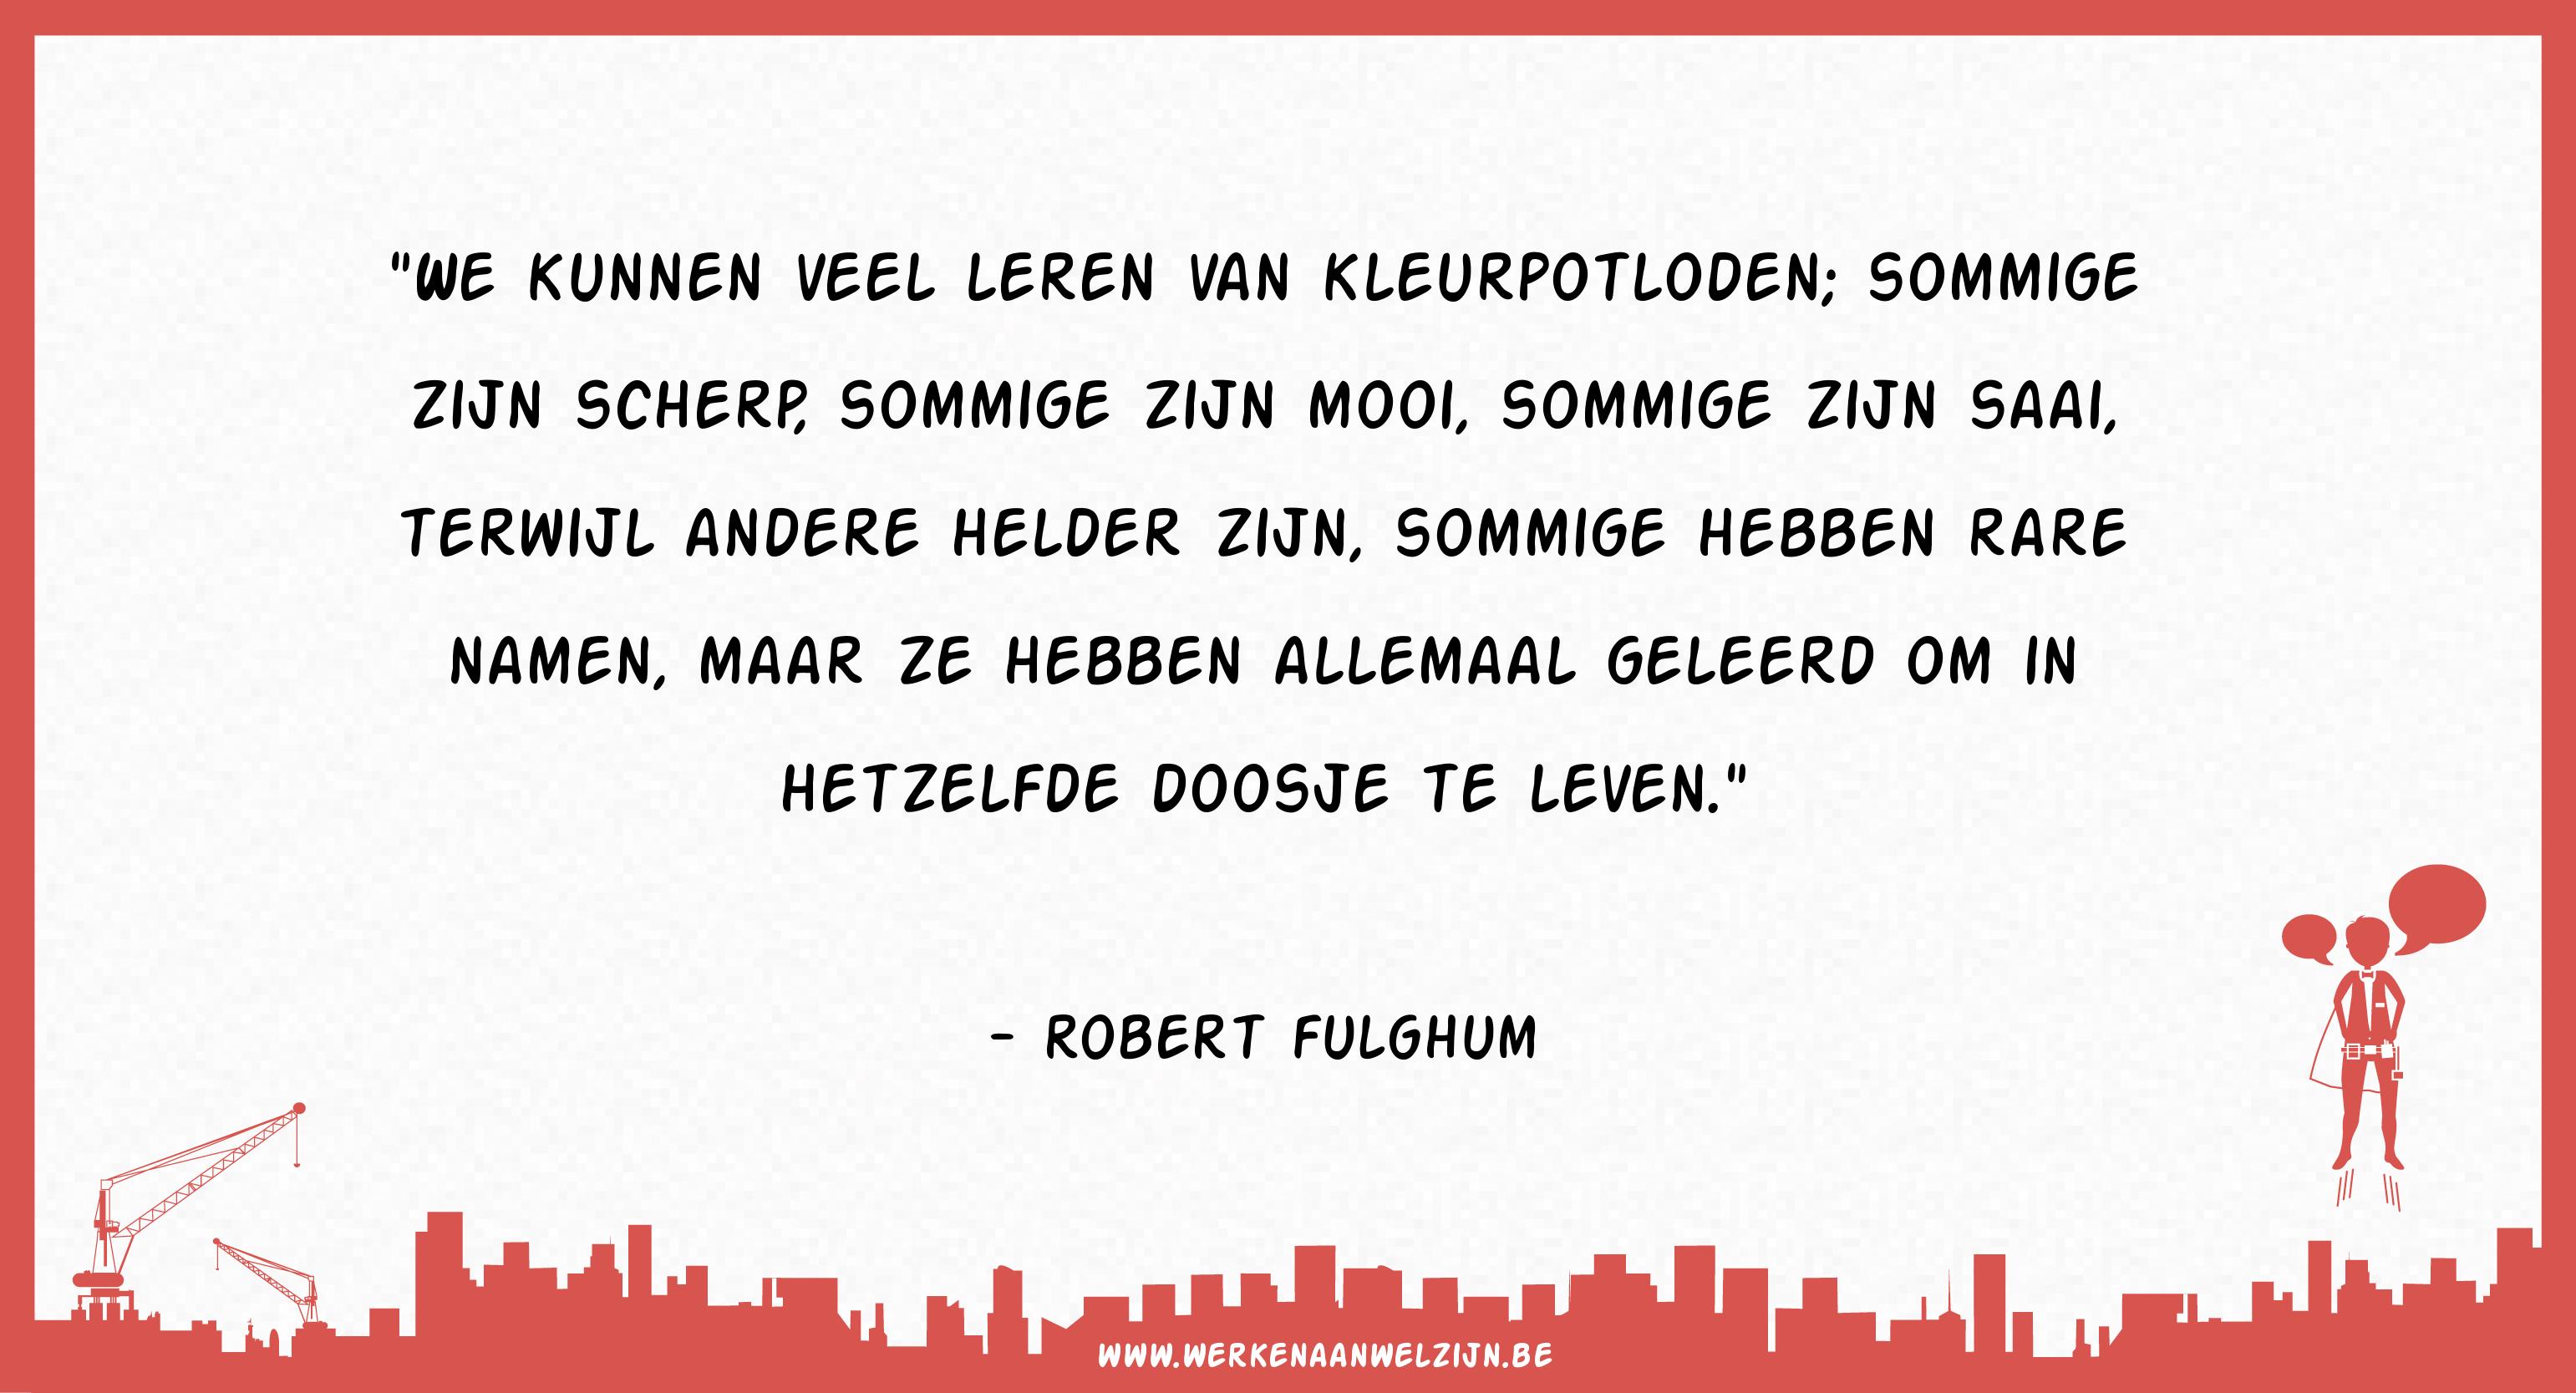 We kunnen veel leren van kleurpotloden; sommige zijn scherp, sommige zijn mooi, sommige zijn saai, terwijl andere helder zijn, sommige hebben rare namen, maar ze hebben allemaal geleerd om in hetzelfde doosje te leven. (Robert Fulghum)